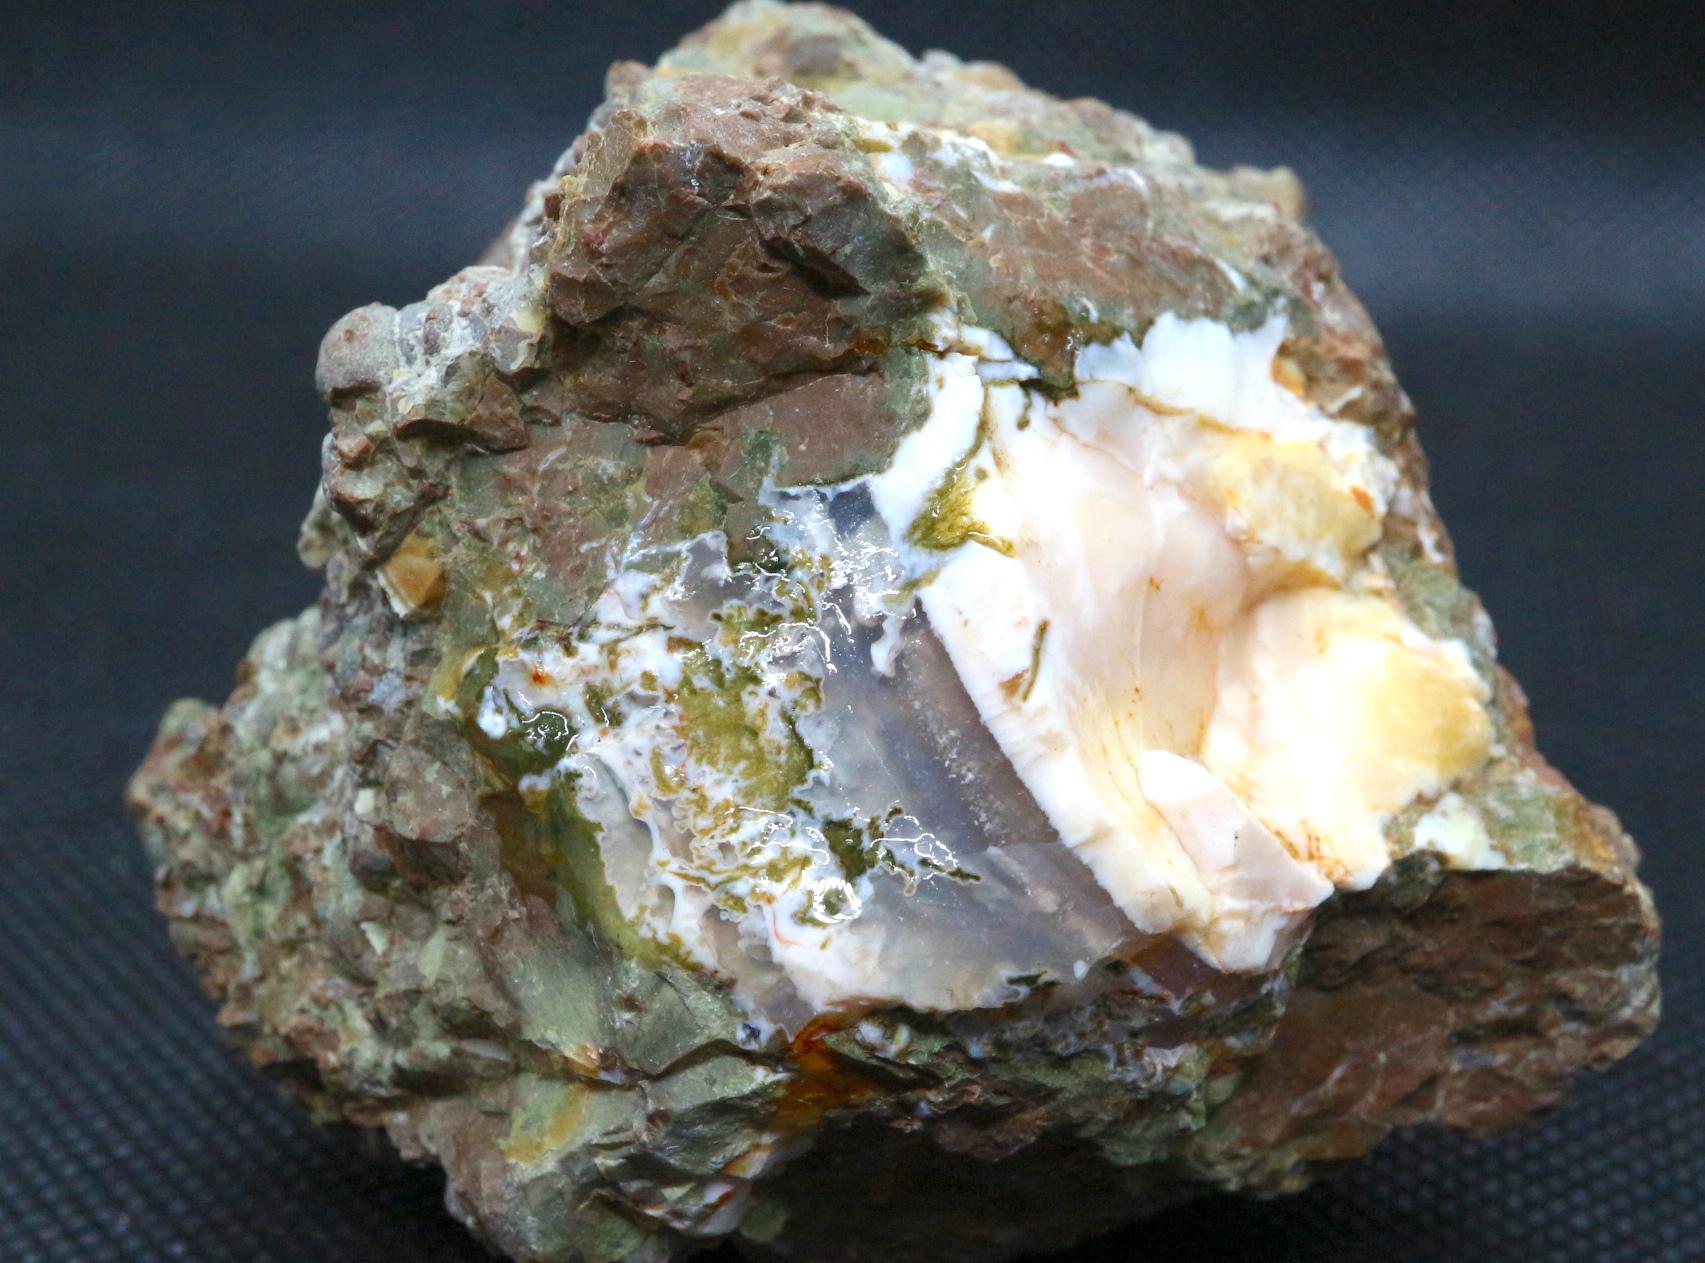 サンダーエッグ  瑪瑙 原石 236g THE007 天然石 鉱物 パワーストーン